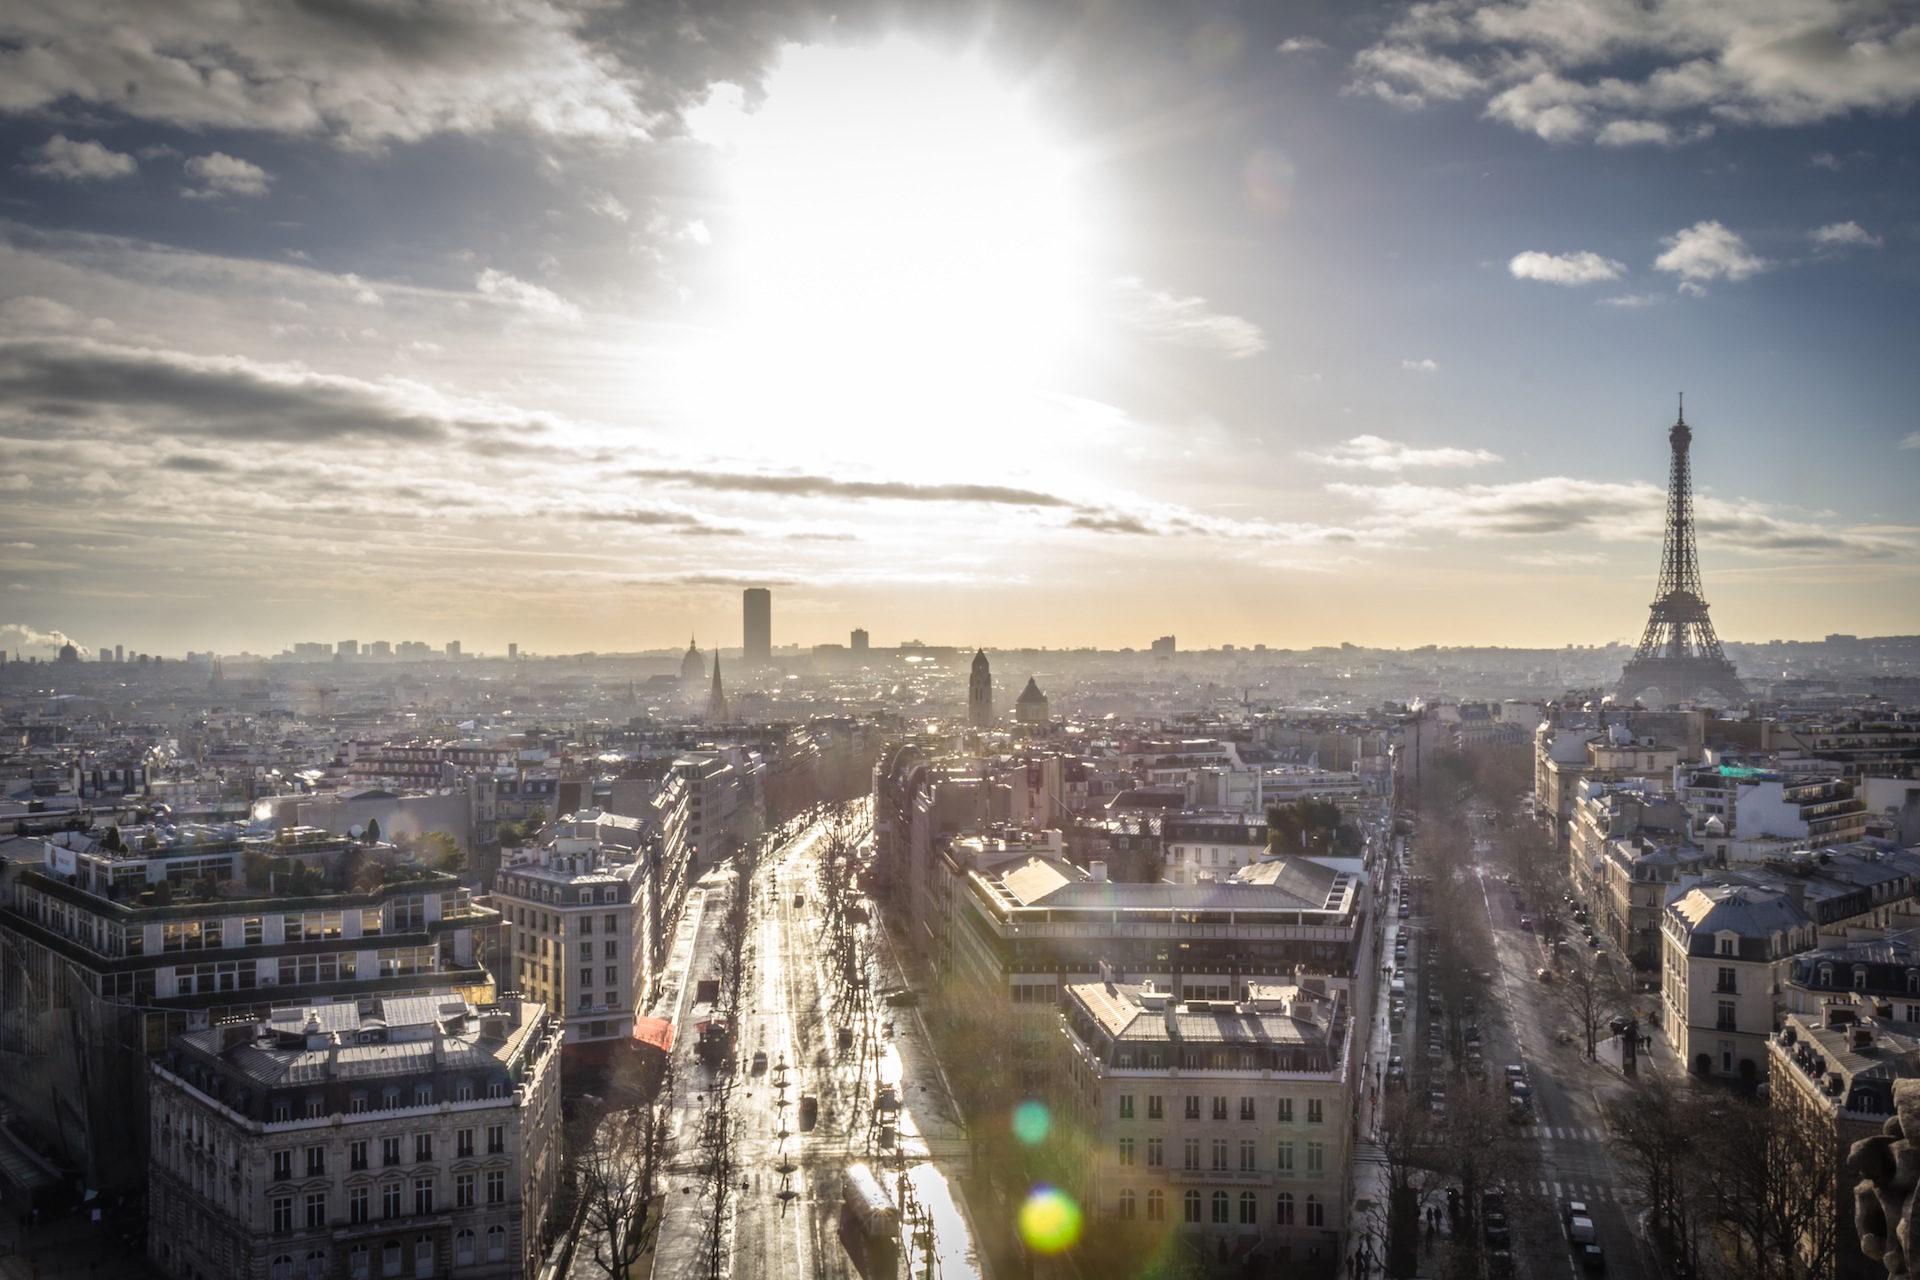 Paris, França, Torre, Eiffel, Sol - Papéis de parede HD - Professor-falken.com